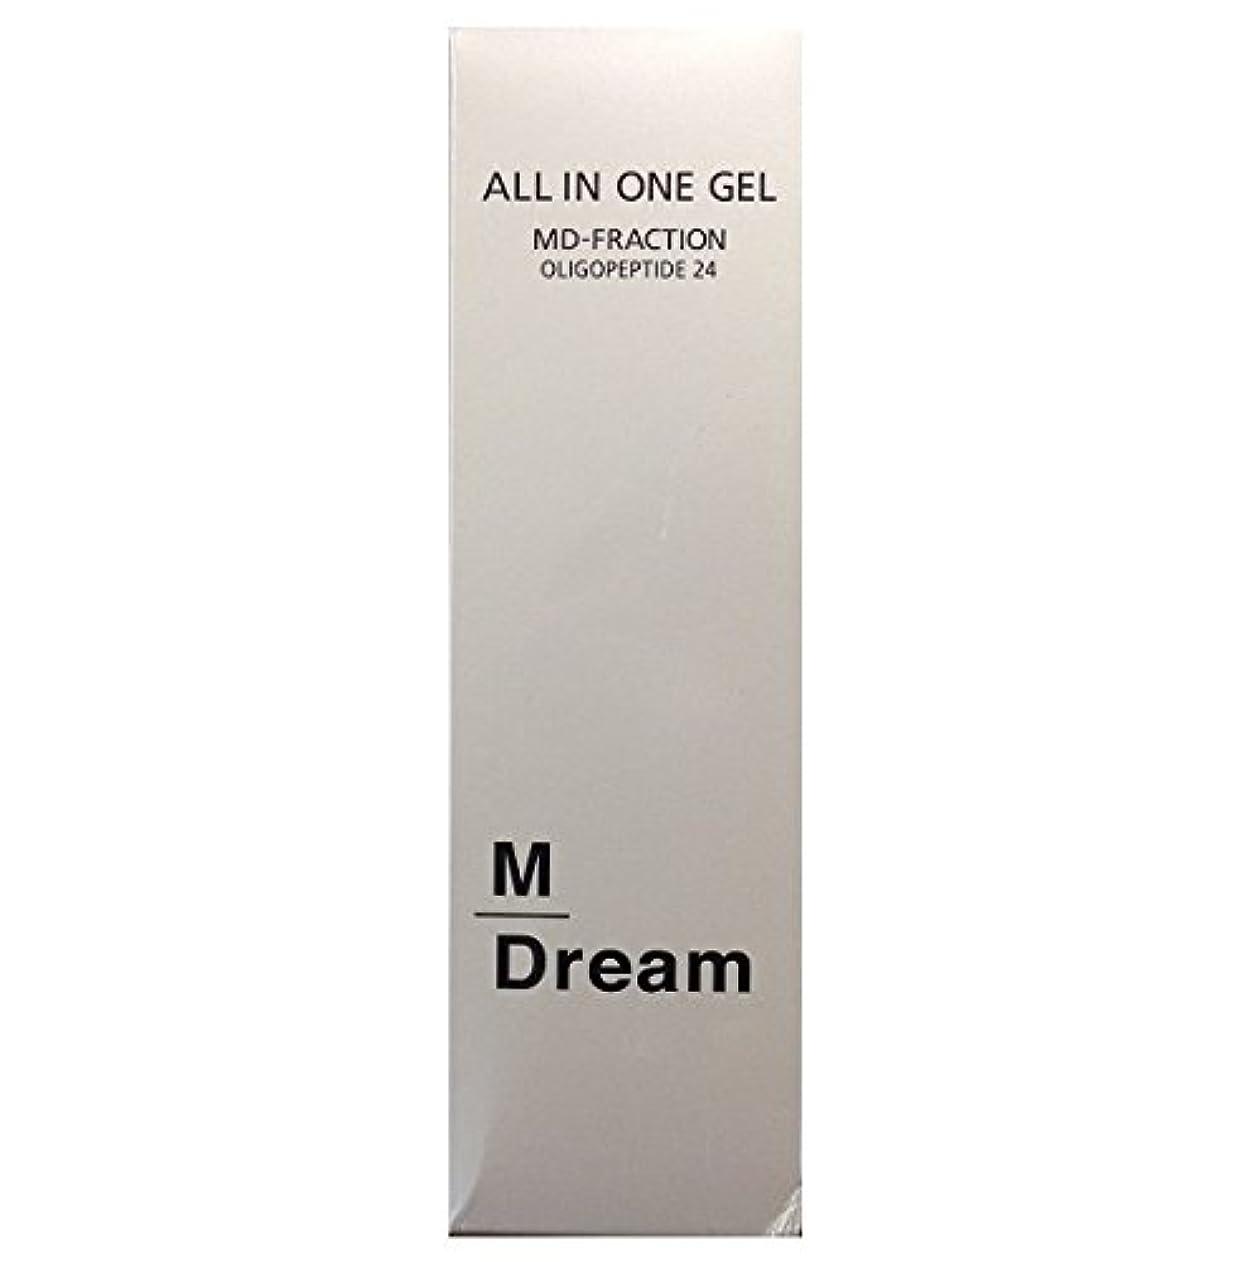 エムスリー MDオールインワンジェル M Dream